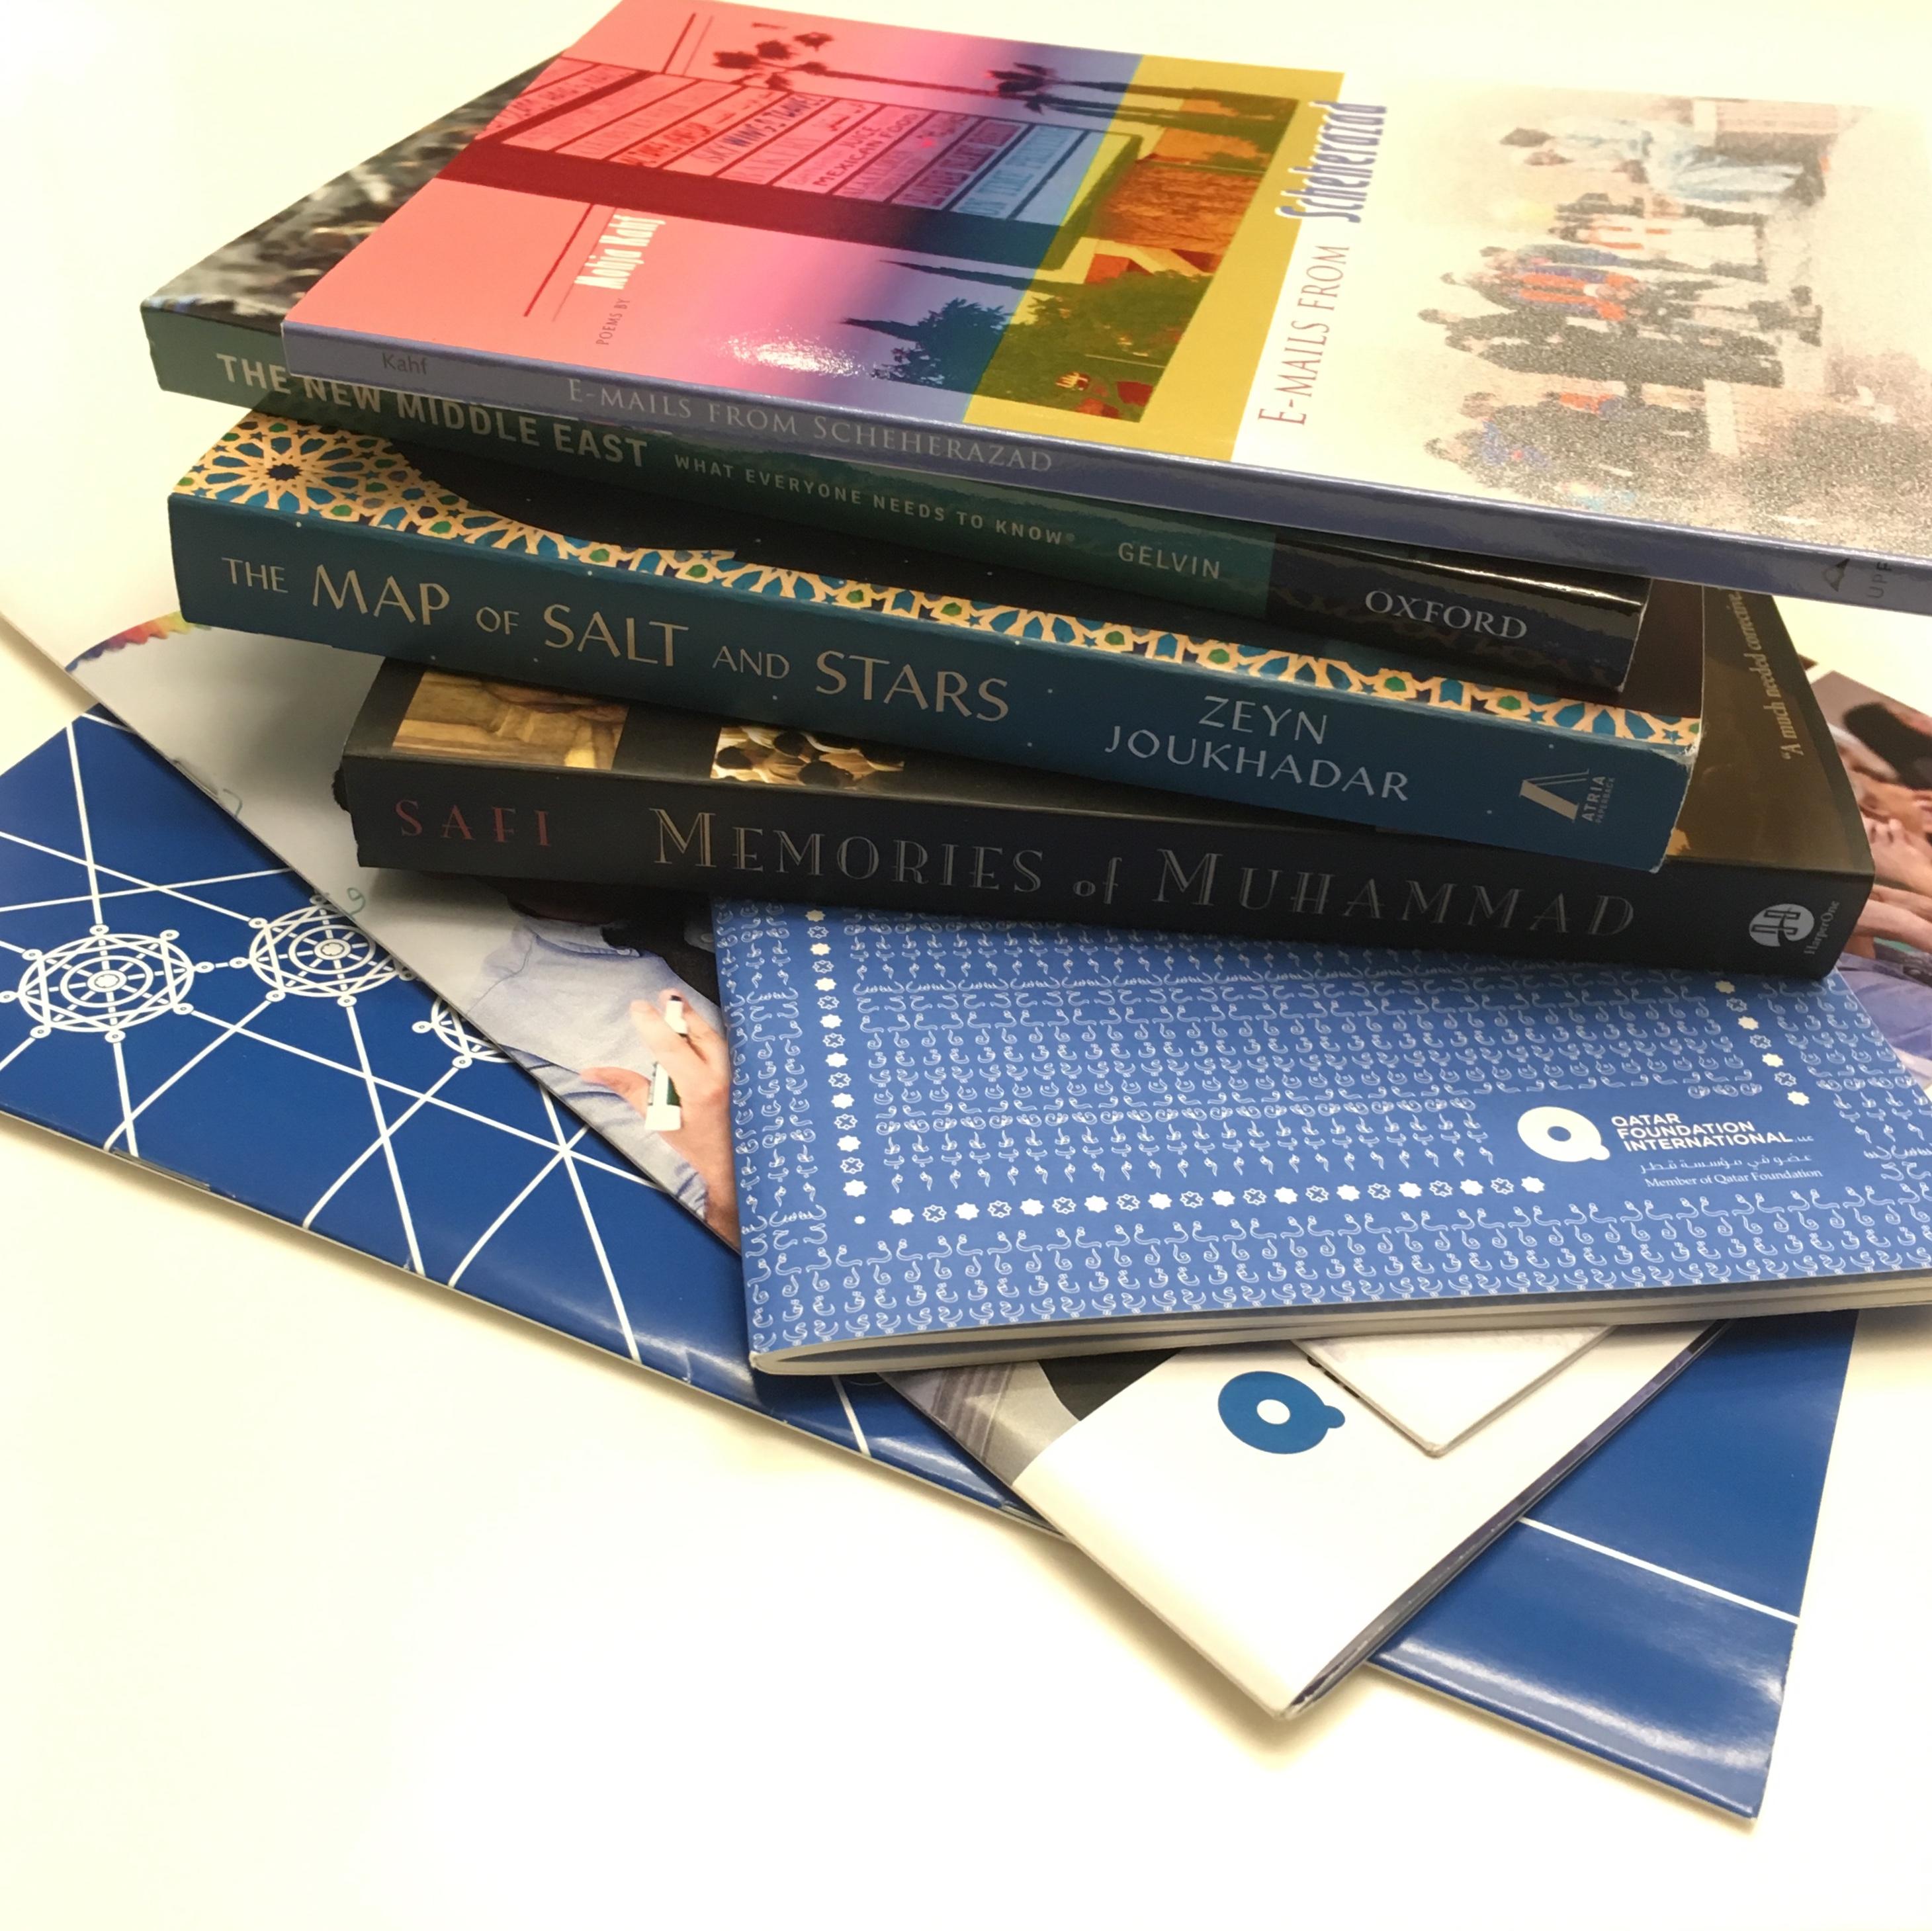 QFI books